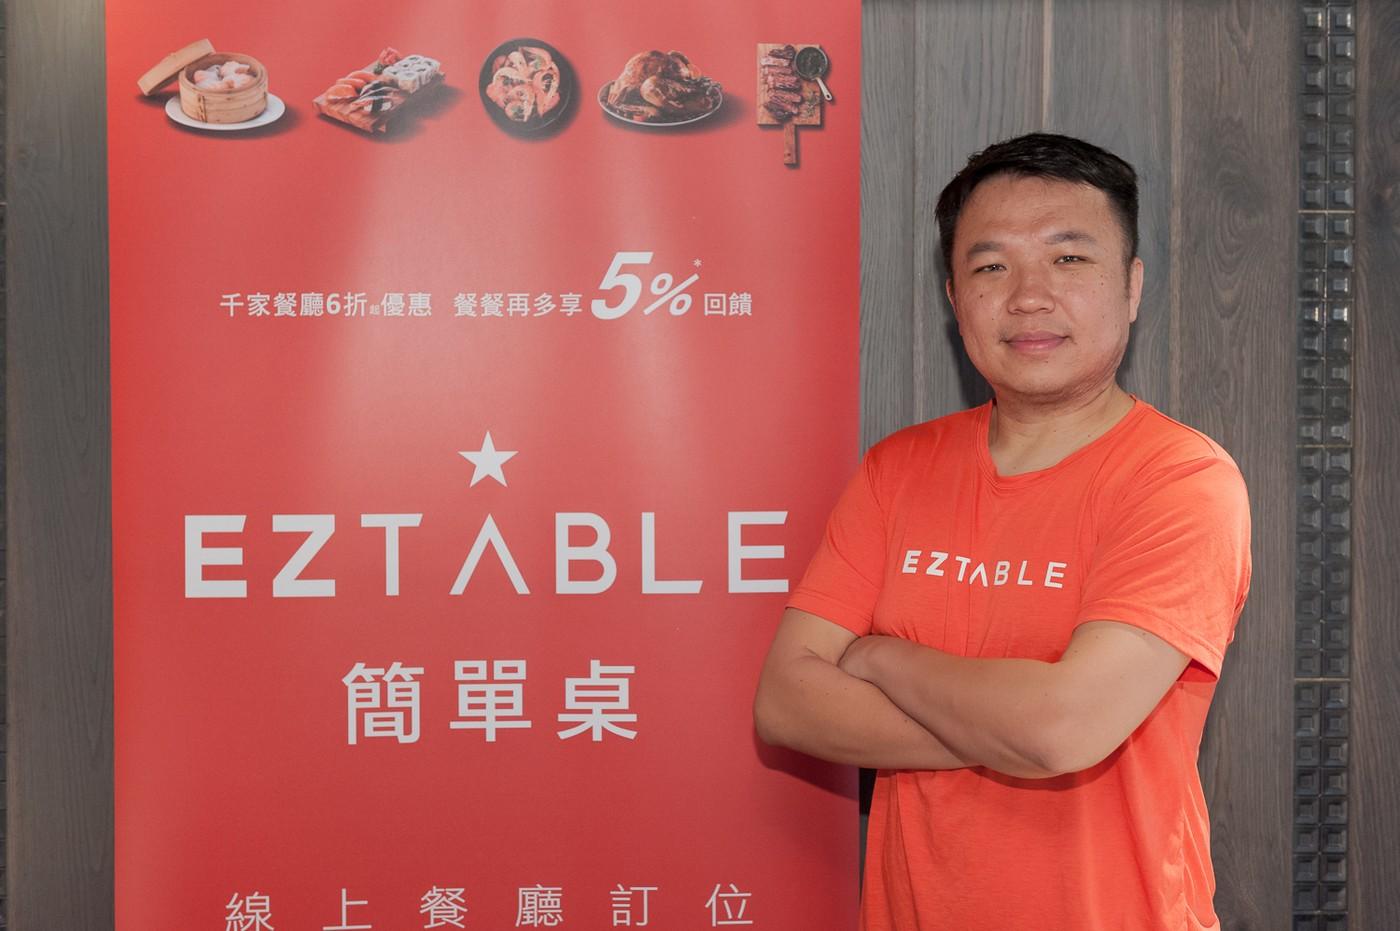 打品牌、衝活躍會員數,EZTABLE啟動8年來最大行銷